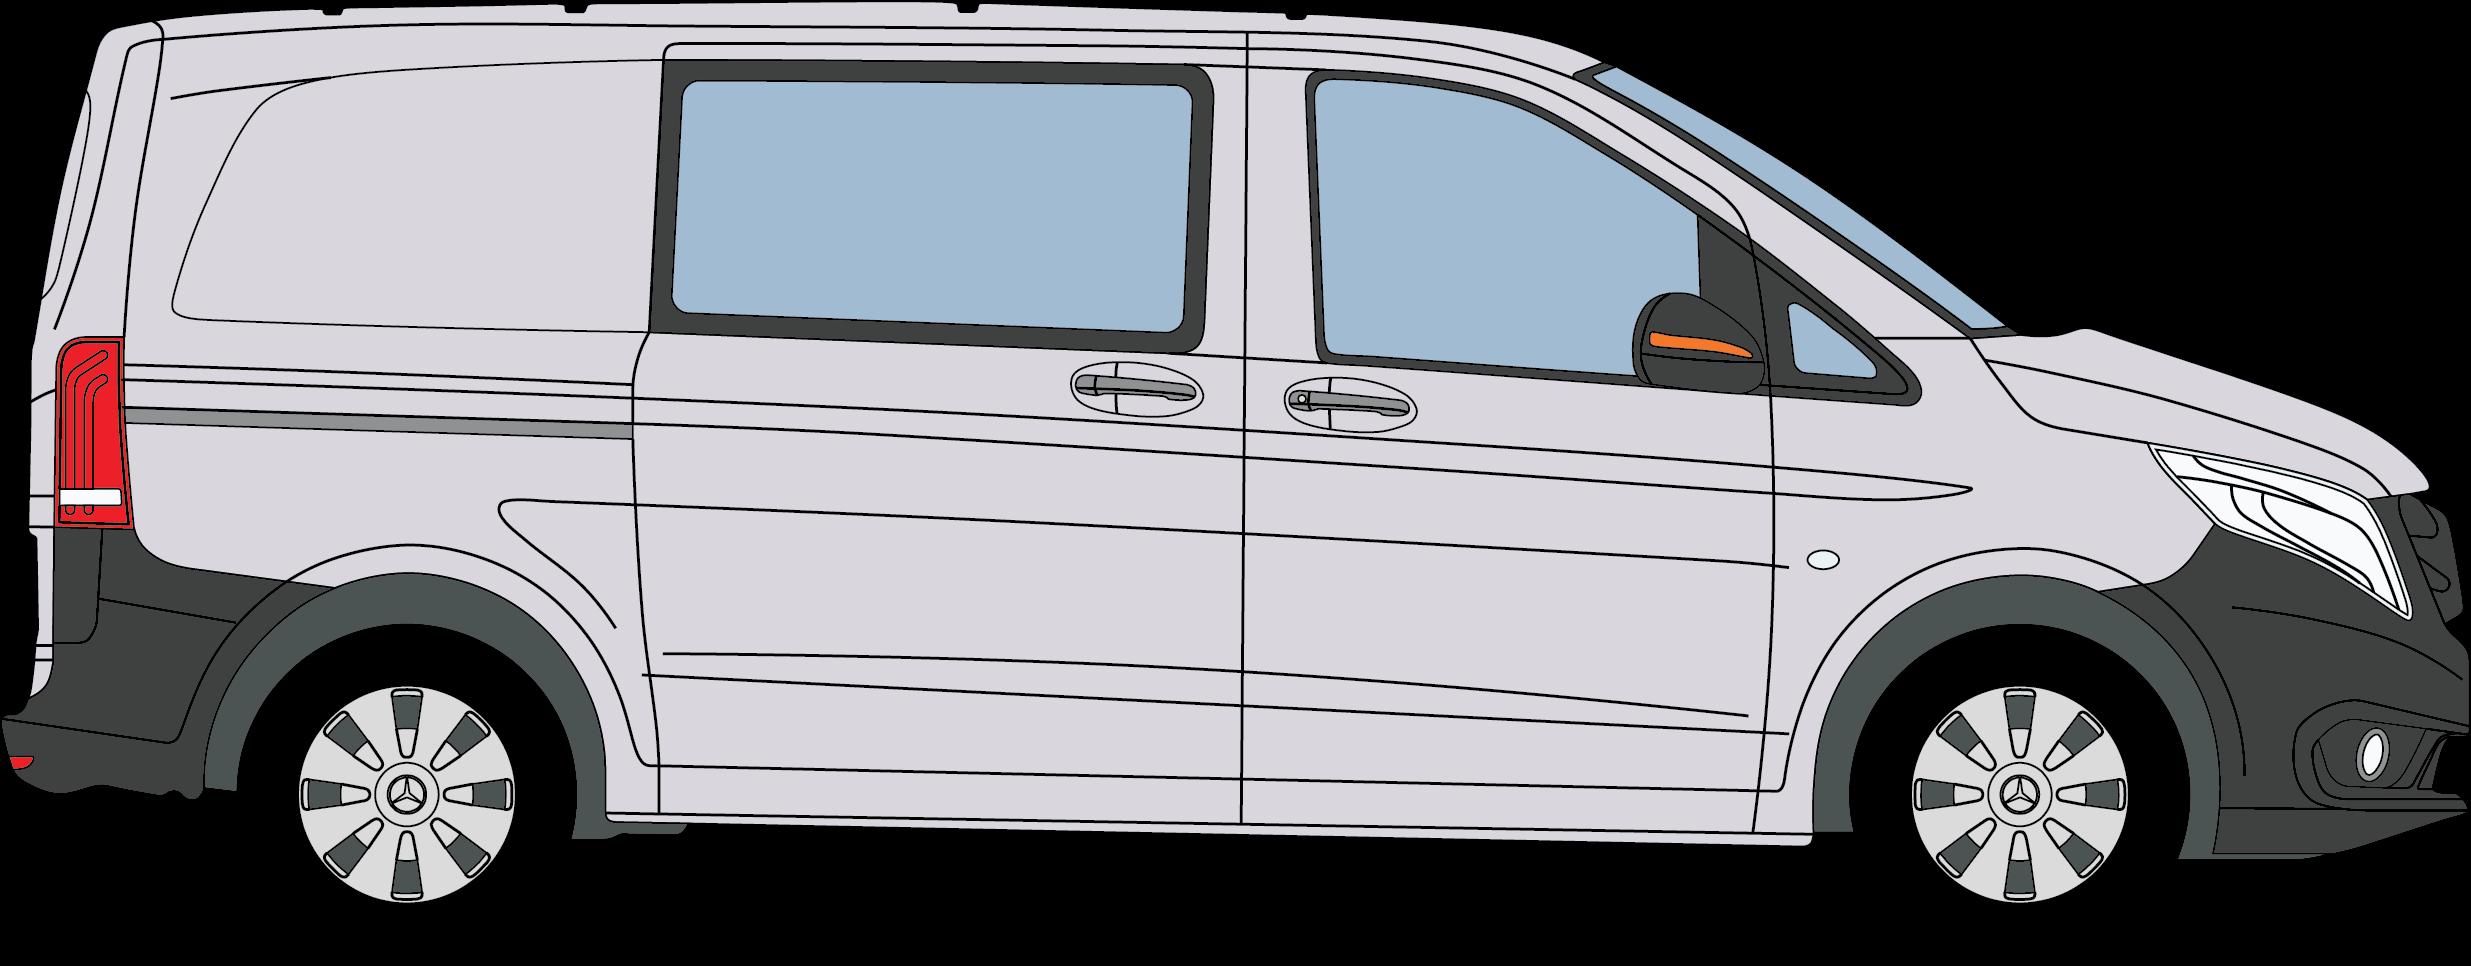 Mercedes Benz Vito Crew Van